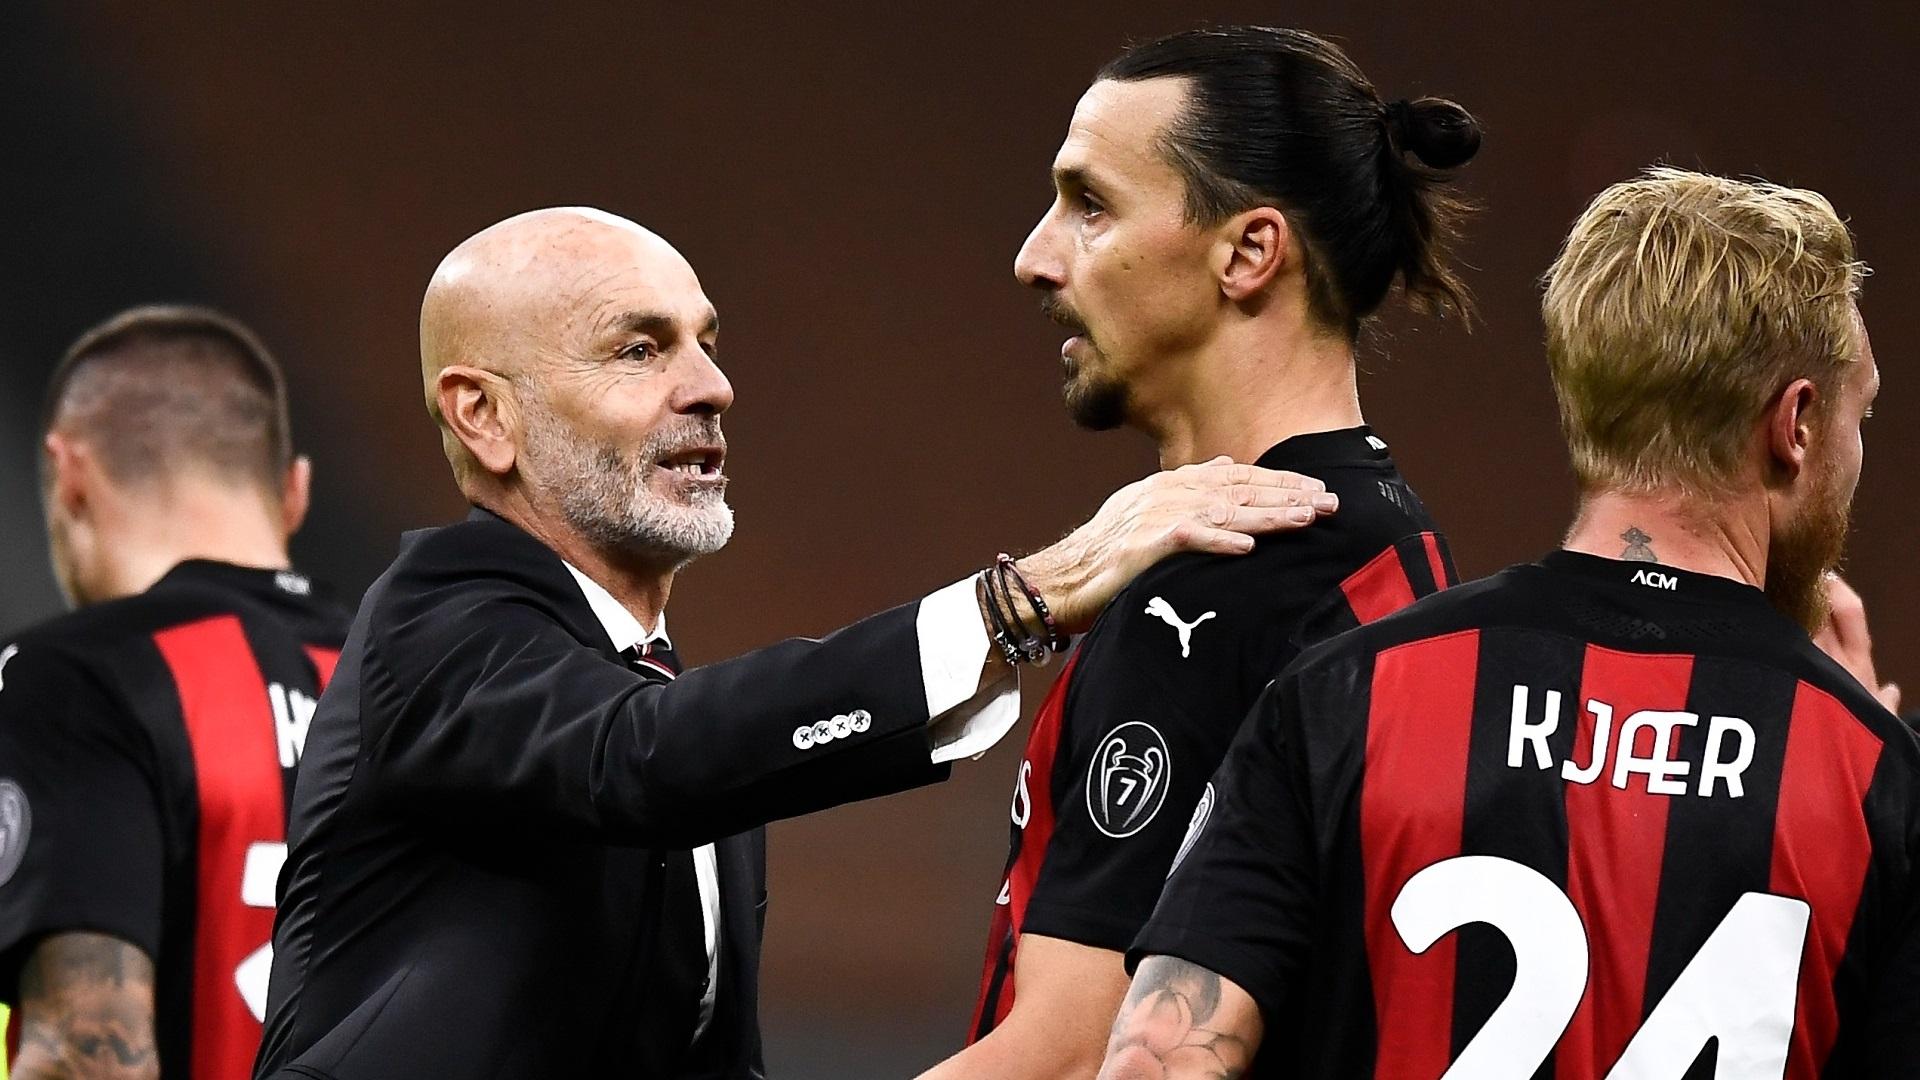 Mercato Milan, l'annuncio di Pioli su Ibrahimovic e Donnarumma - Virgilio  Sport